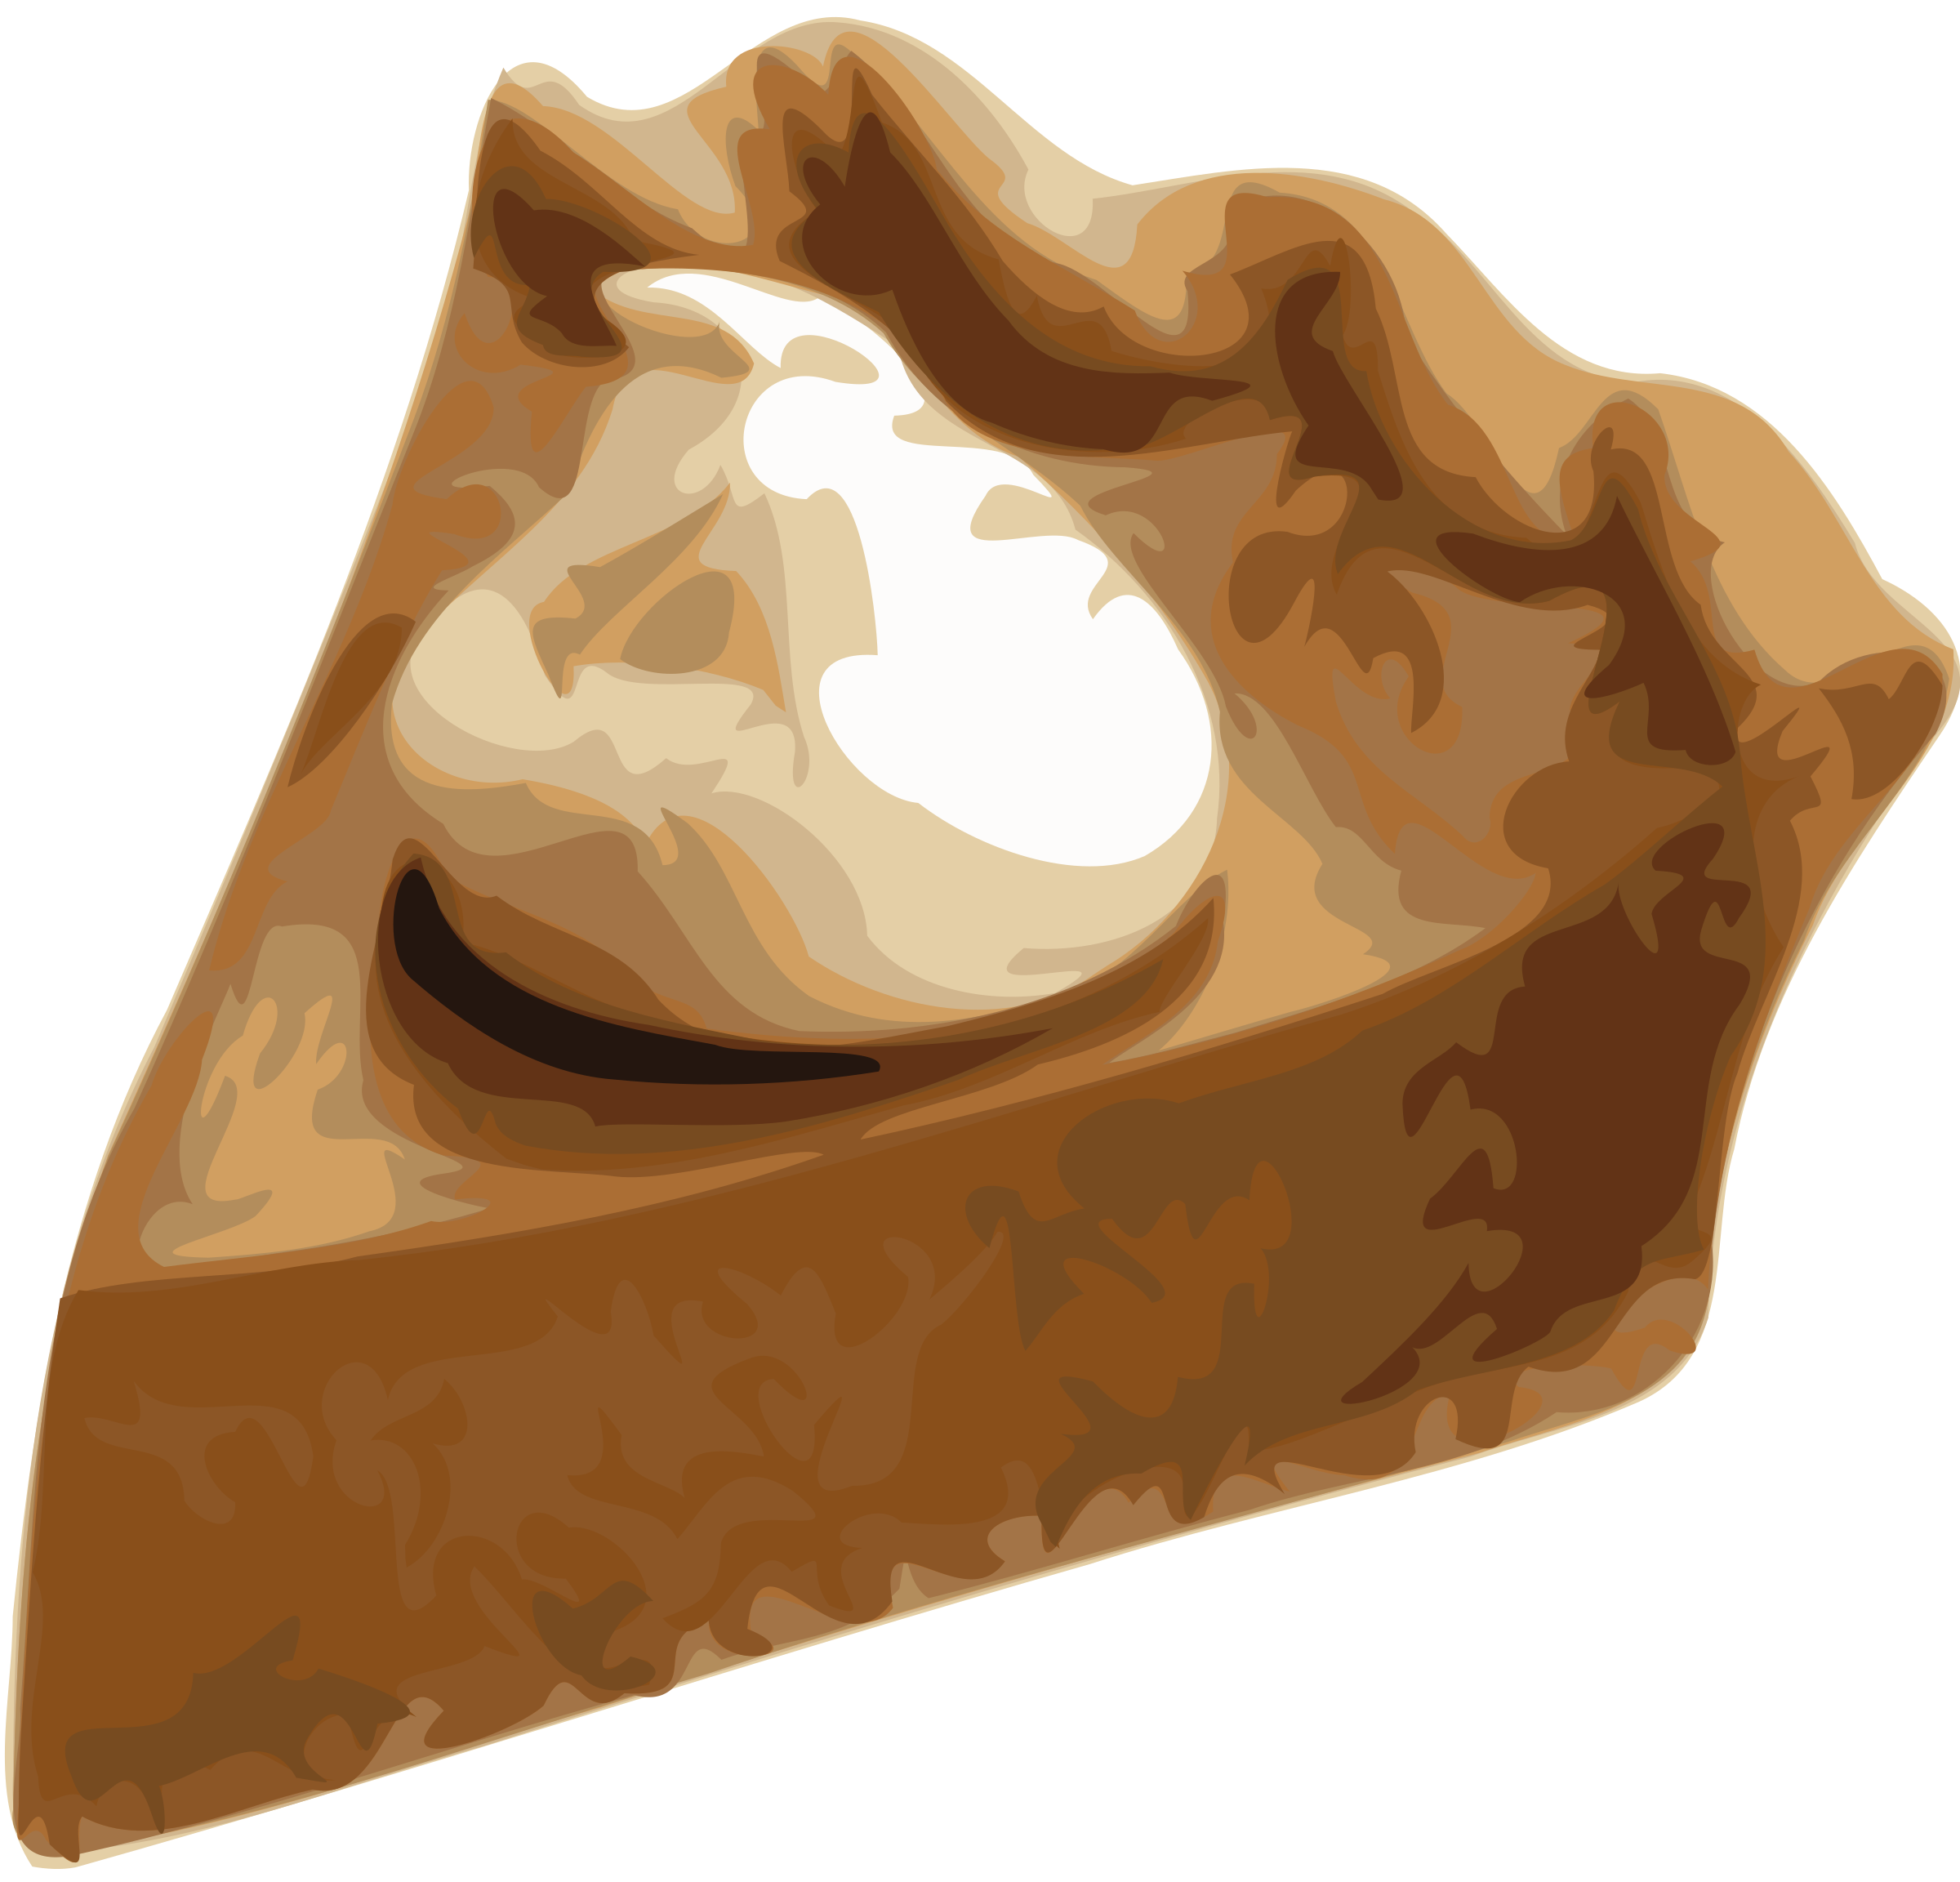 Pie clipart piece pie Art schliferaward Slice Clip Pumpkin